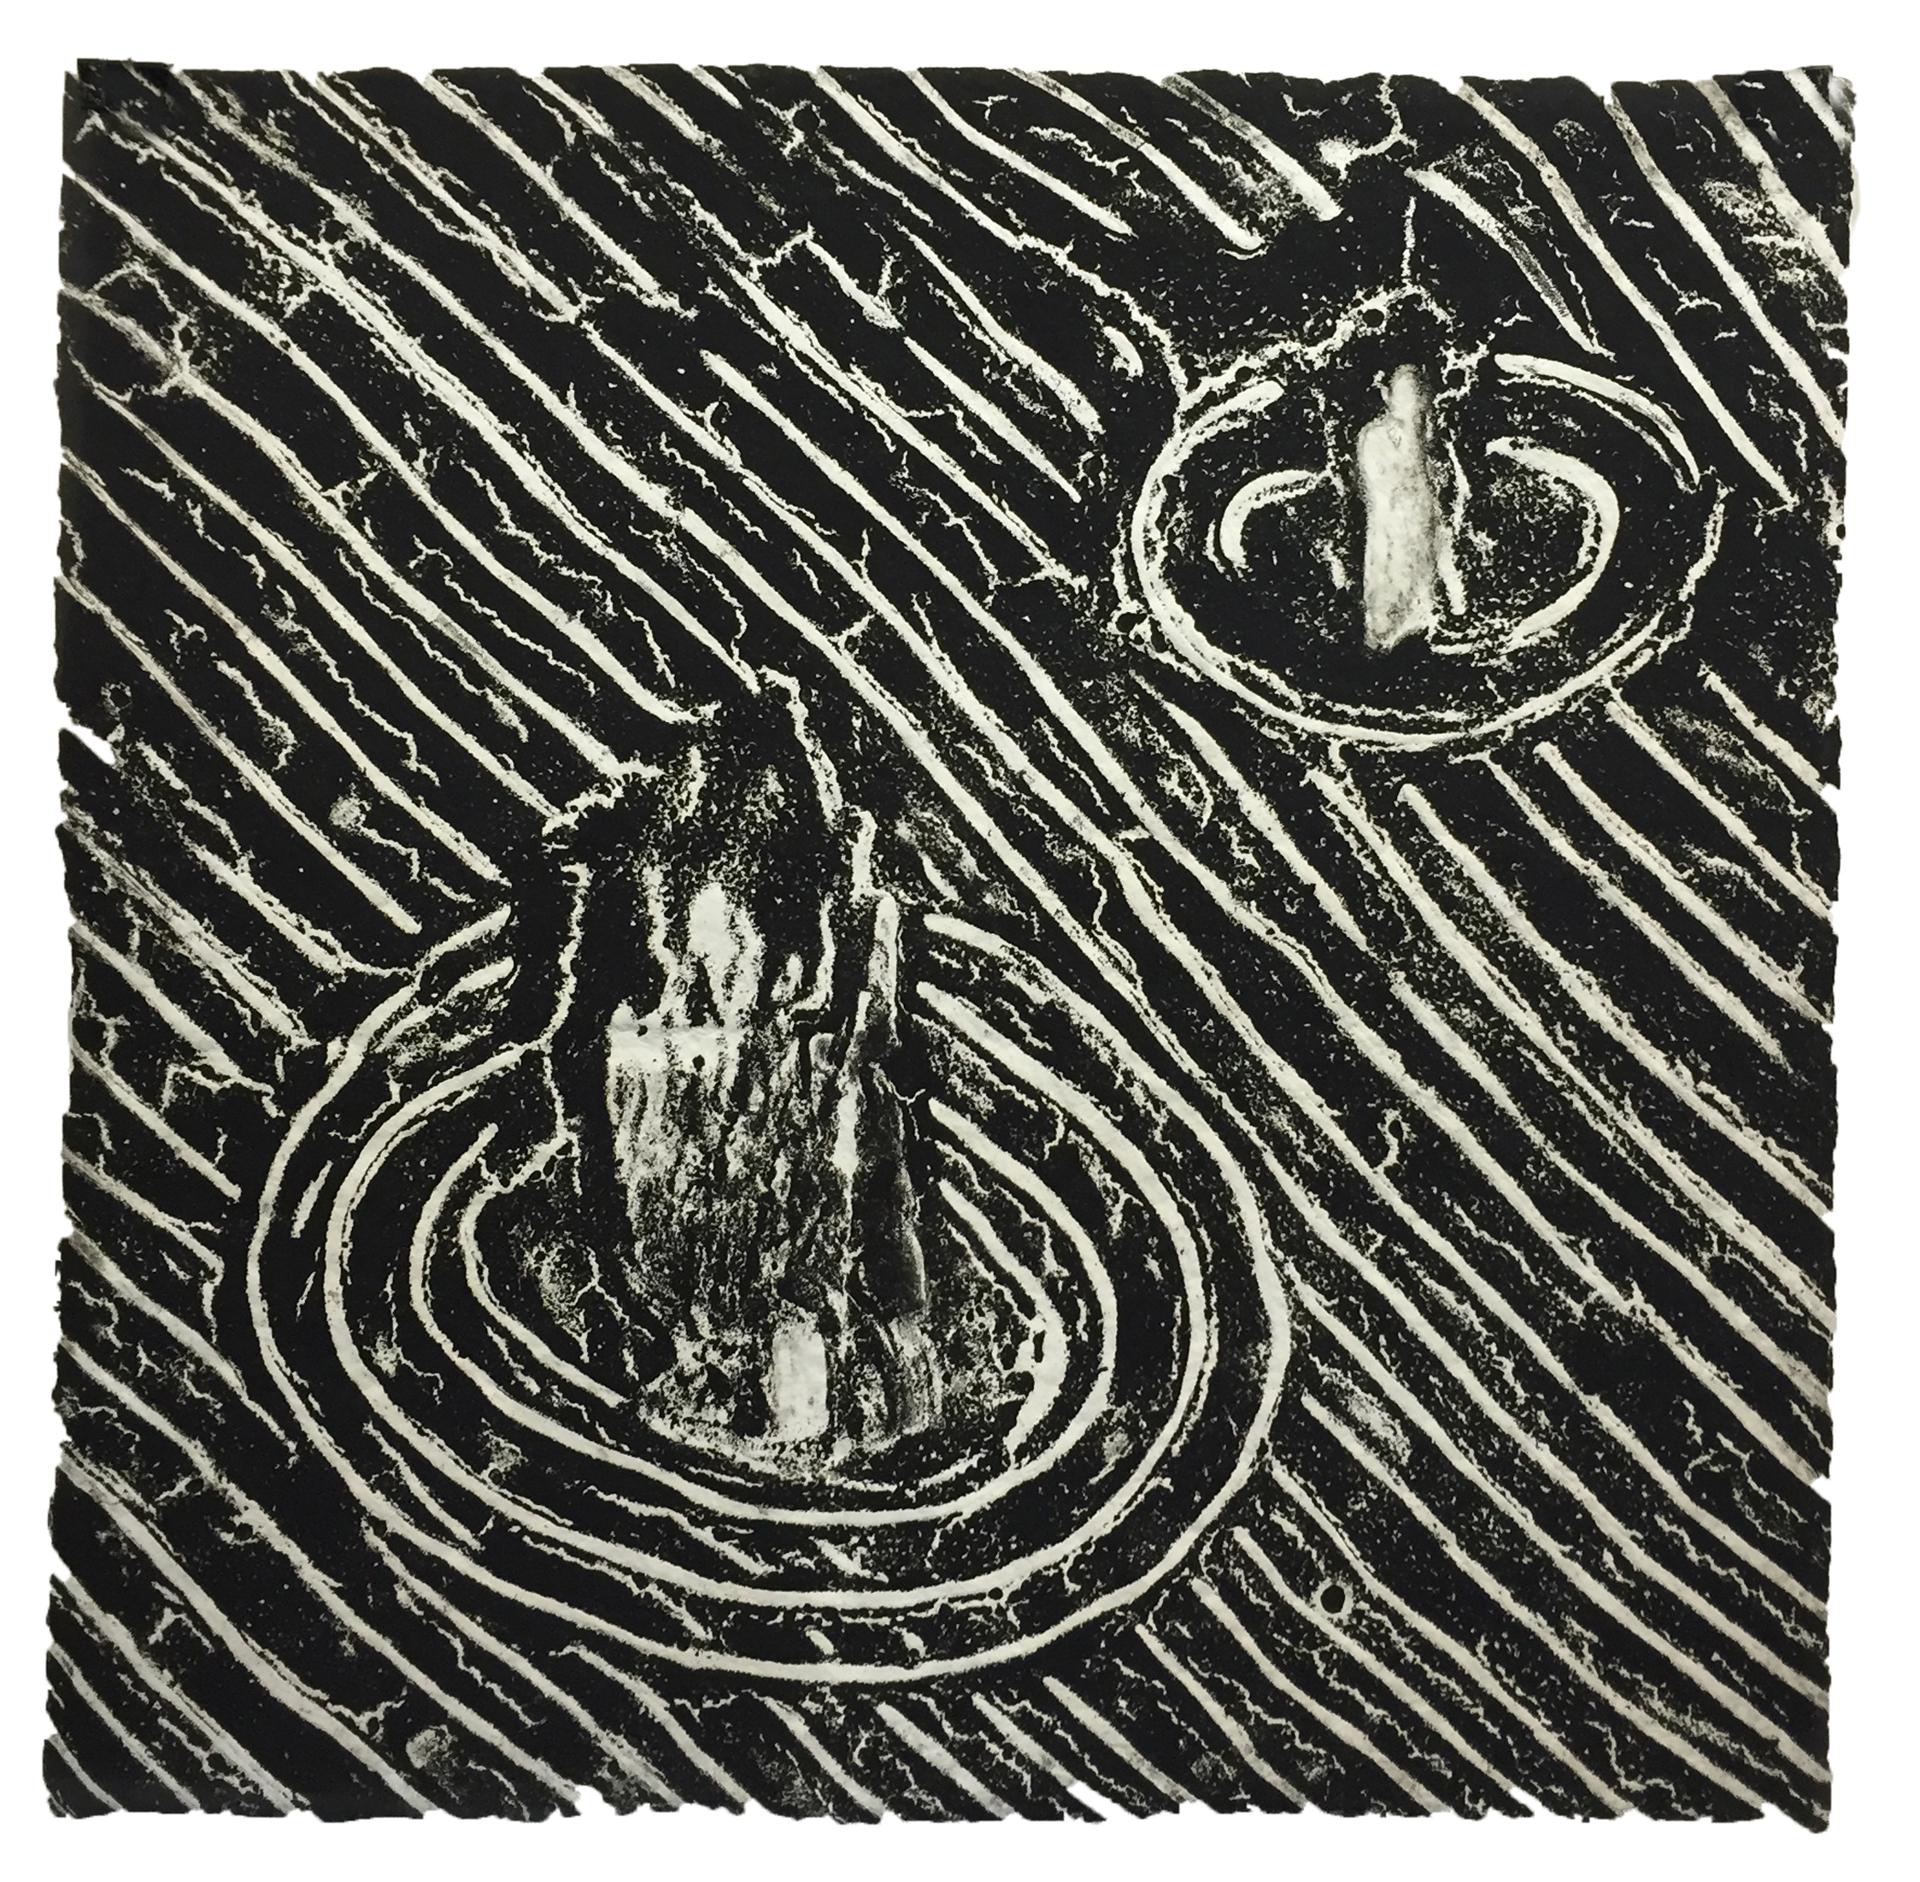 Untitled (2 dark) by David Lynch